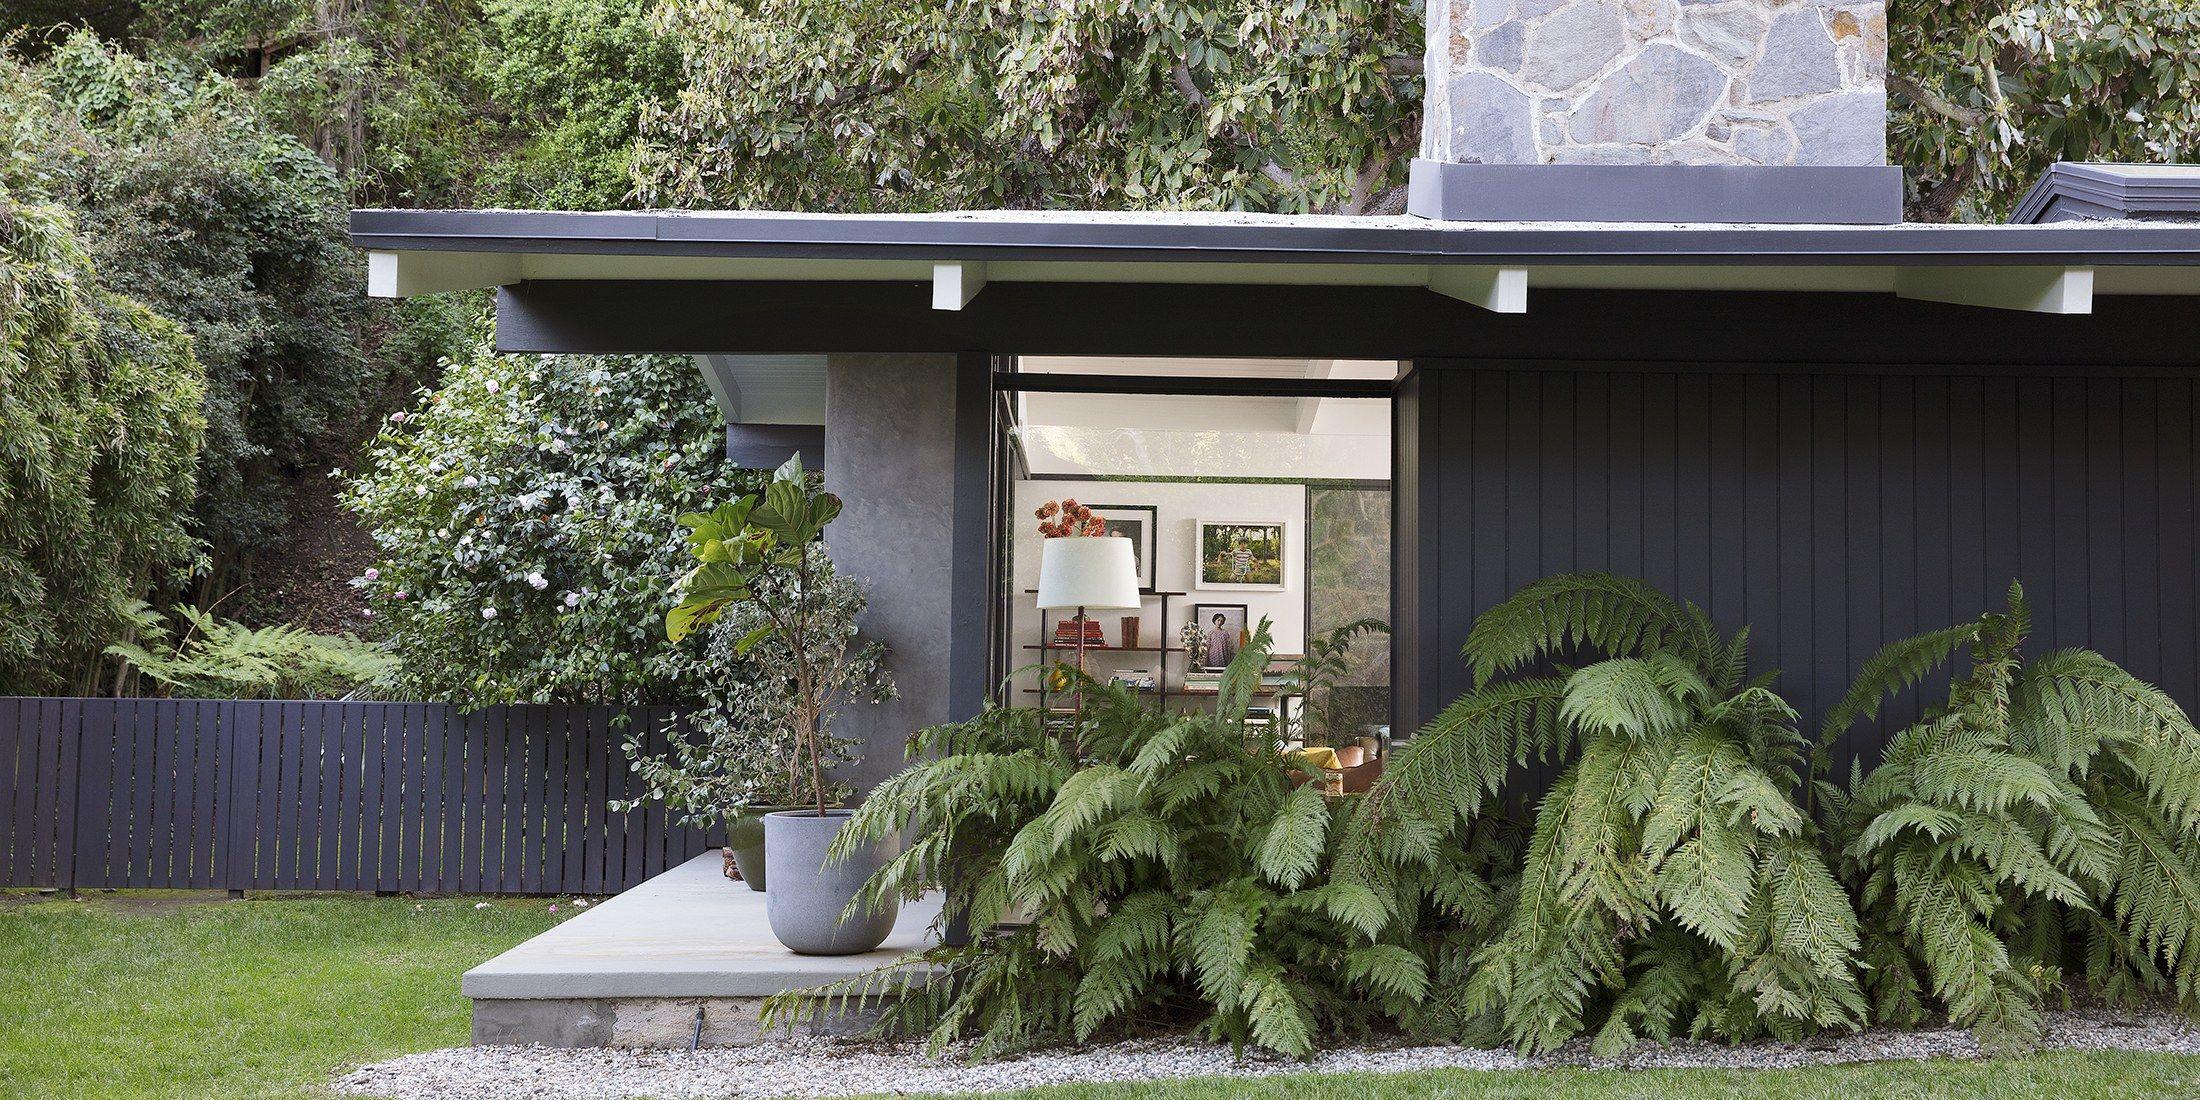 Laura Dern's house in #ArchitecturalDigest... TO. DIE. FOR. <3